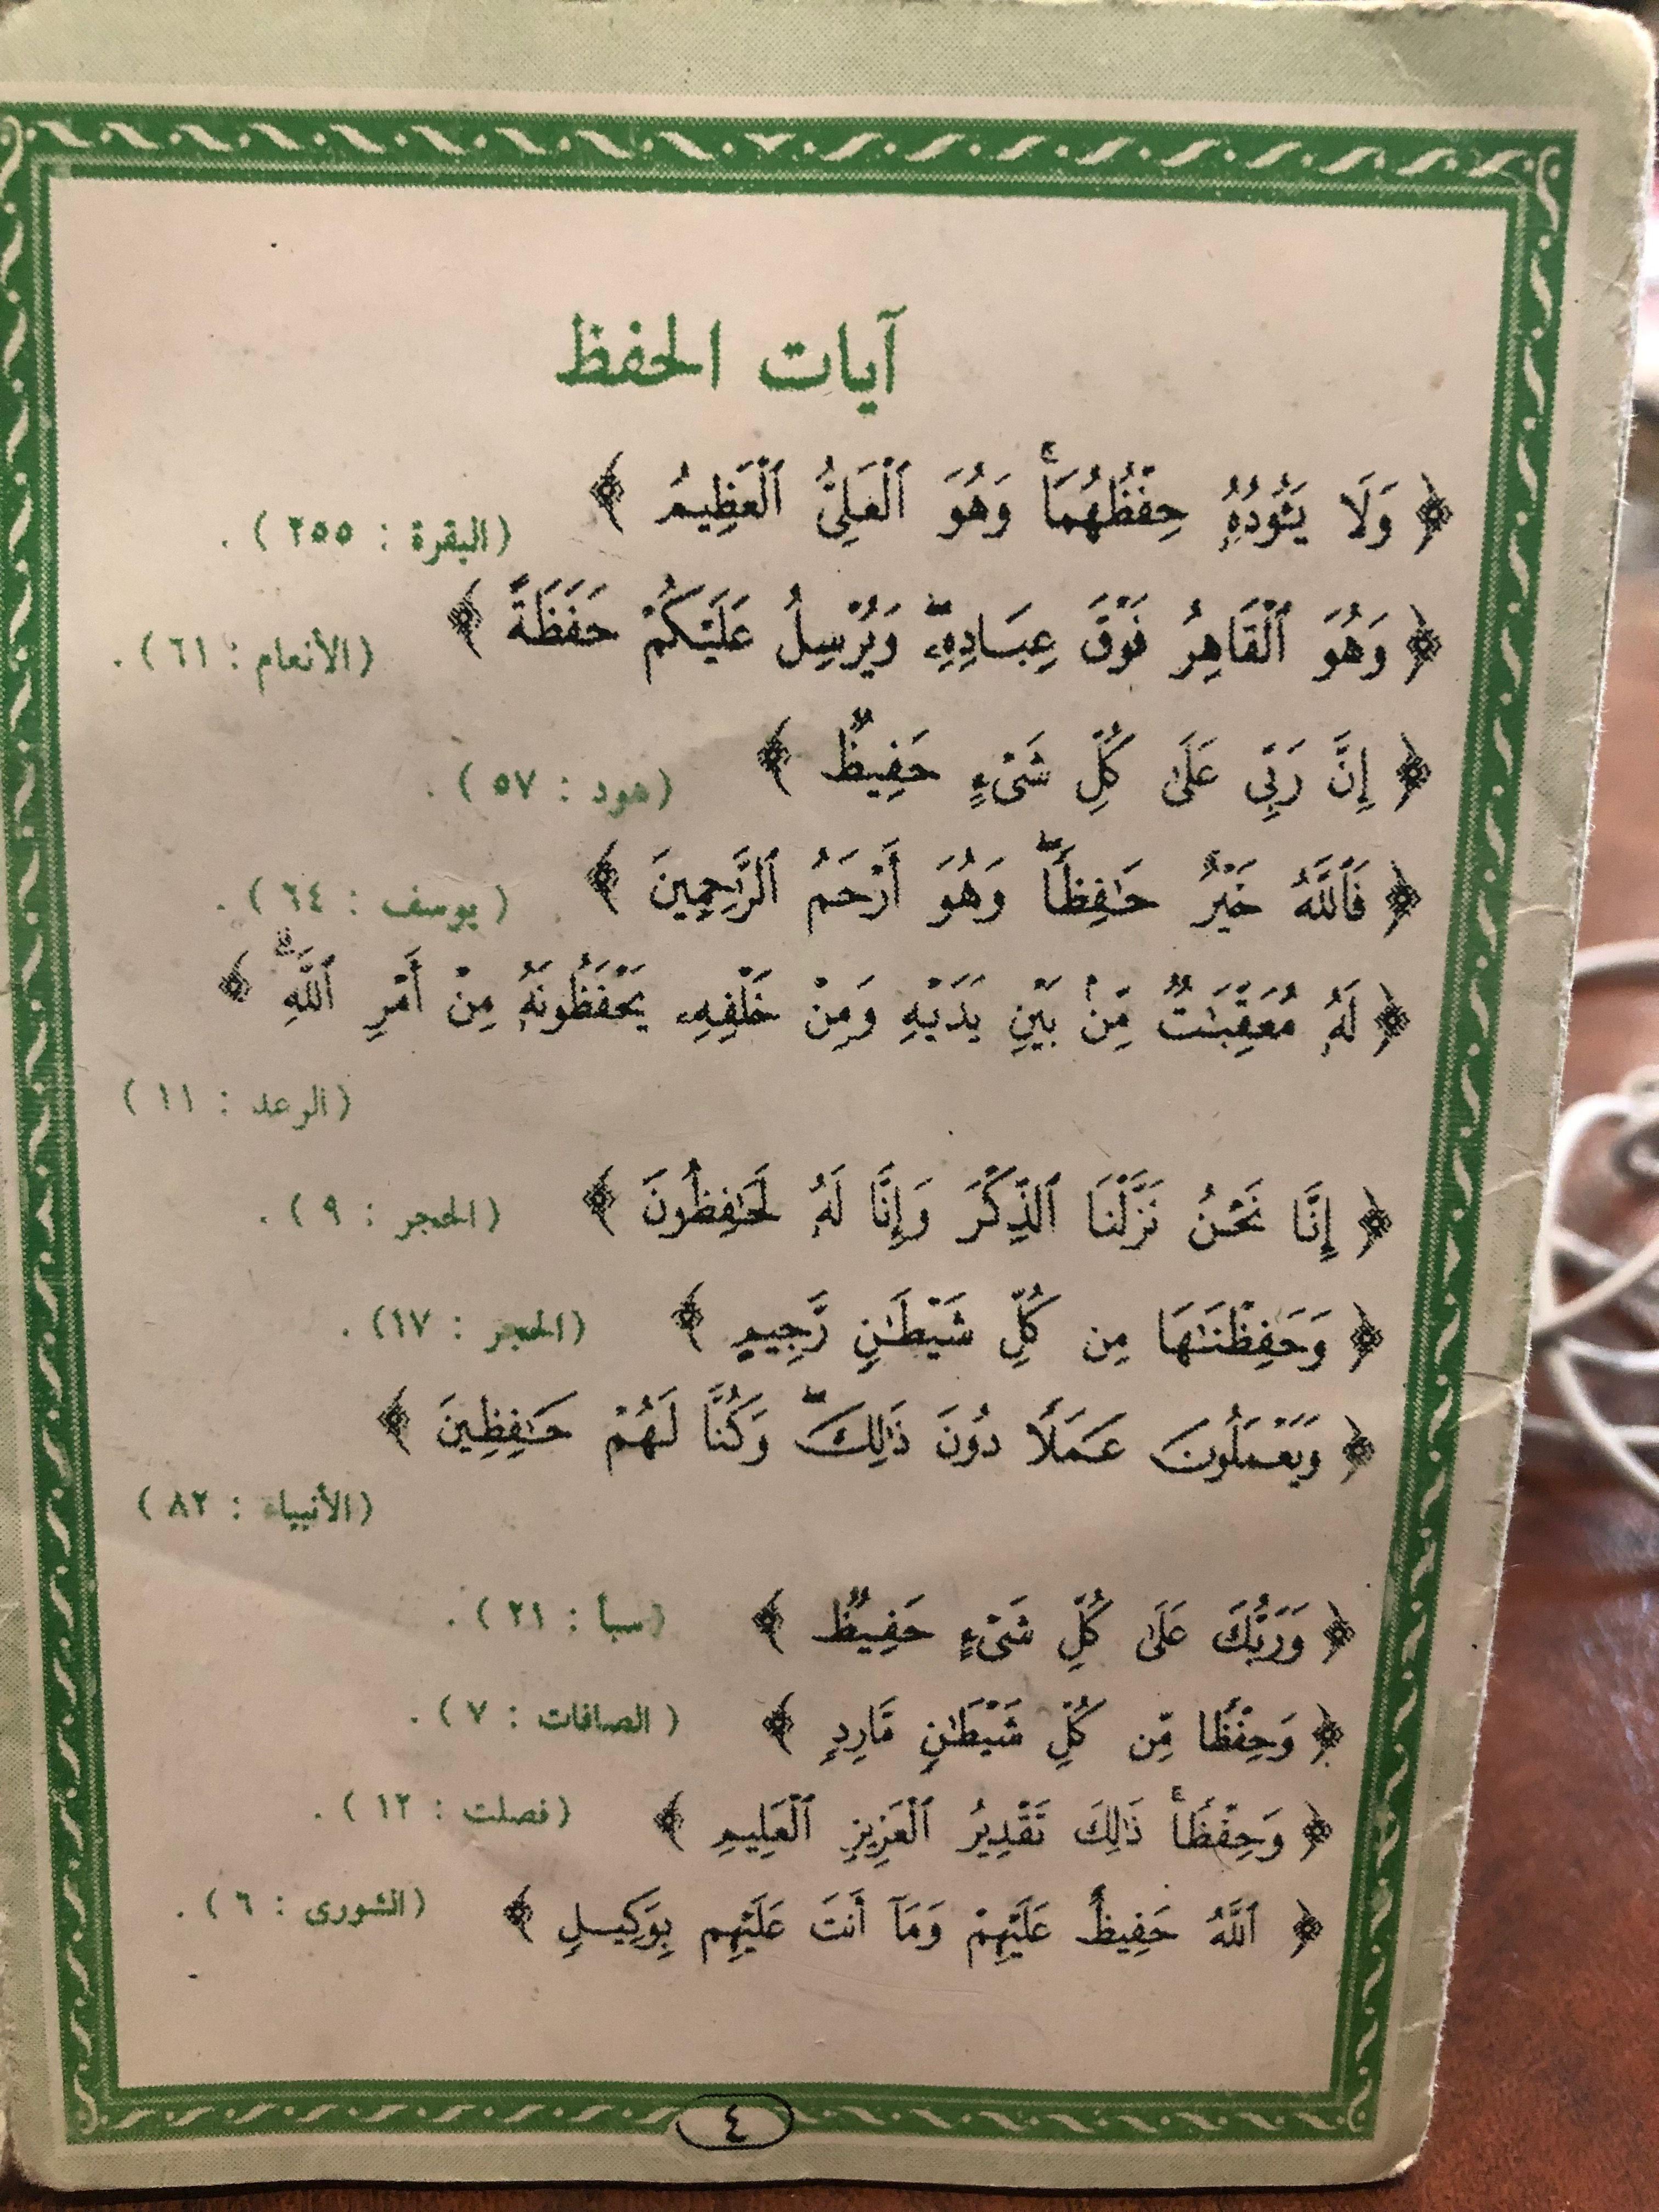 استودعكم الله الذي لا تضيع ودائعه Quran Quotes Love Quran Quotes Inspirational Islamic Quotes Quran